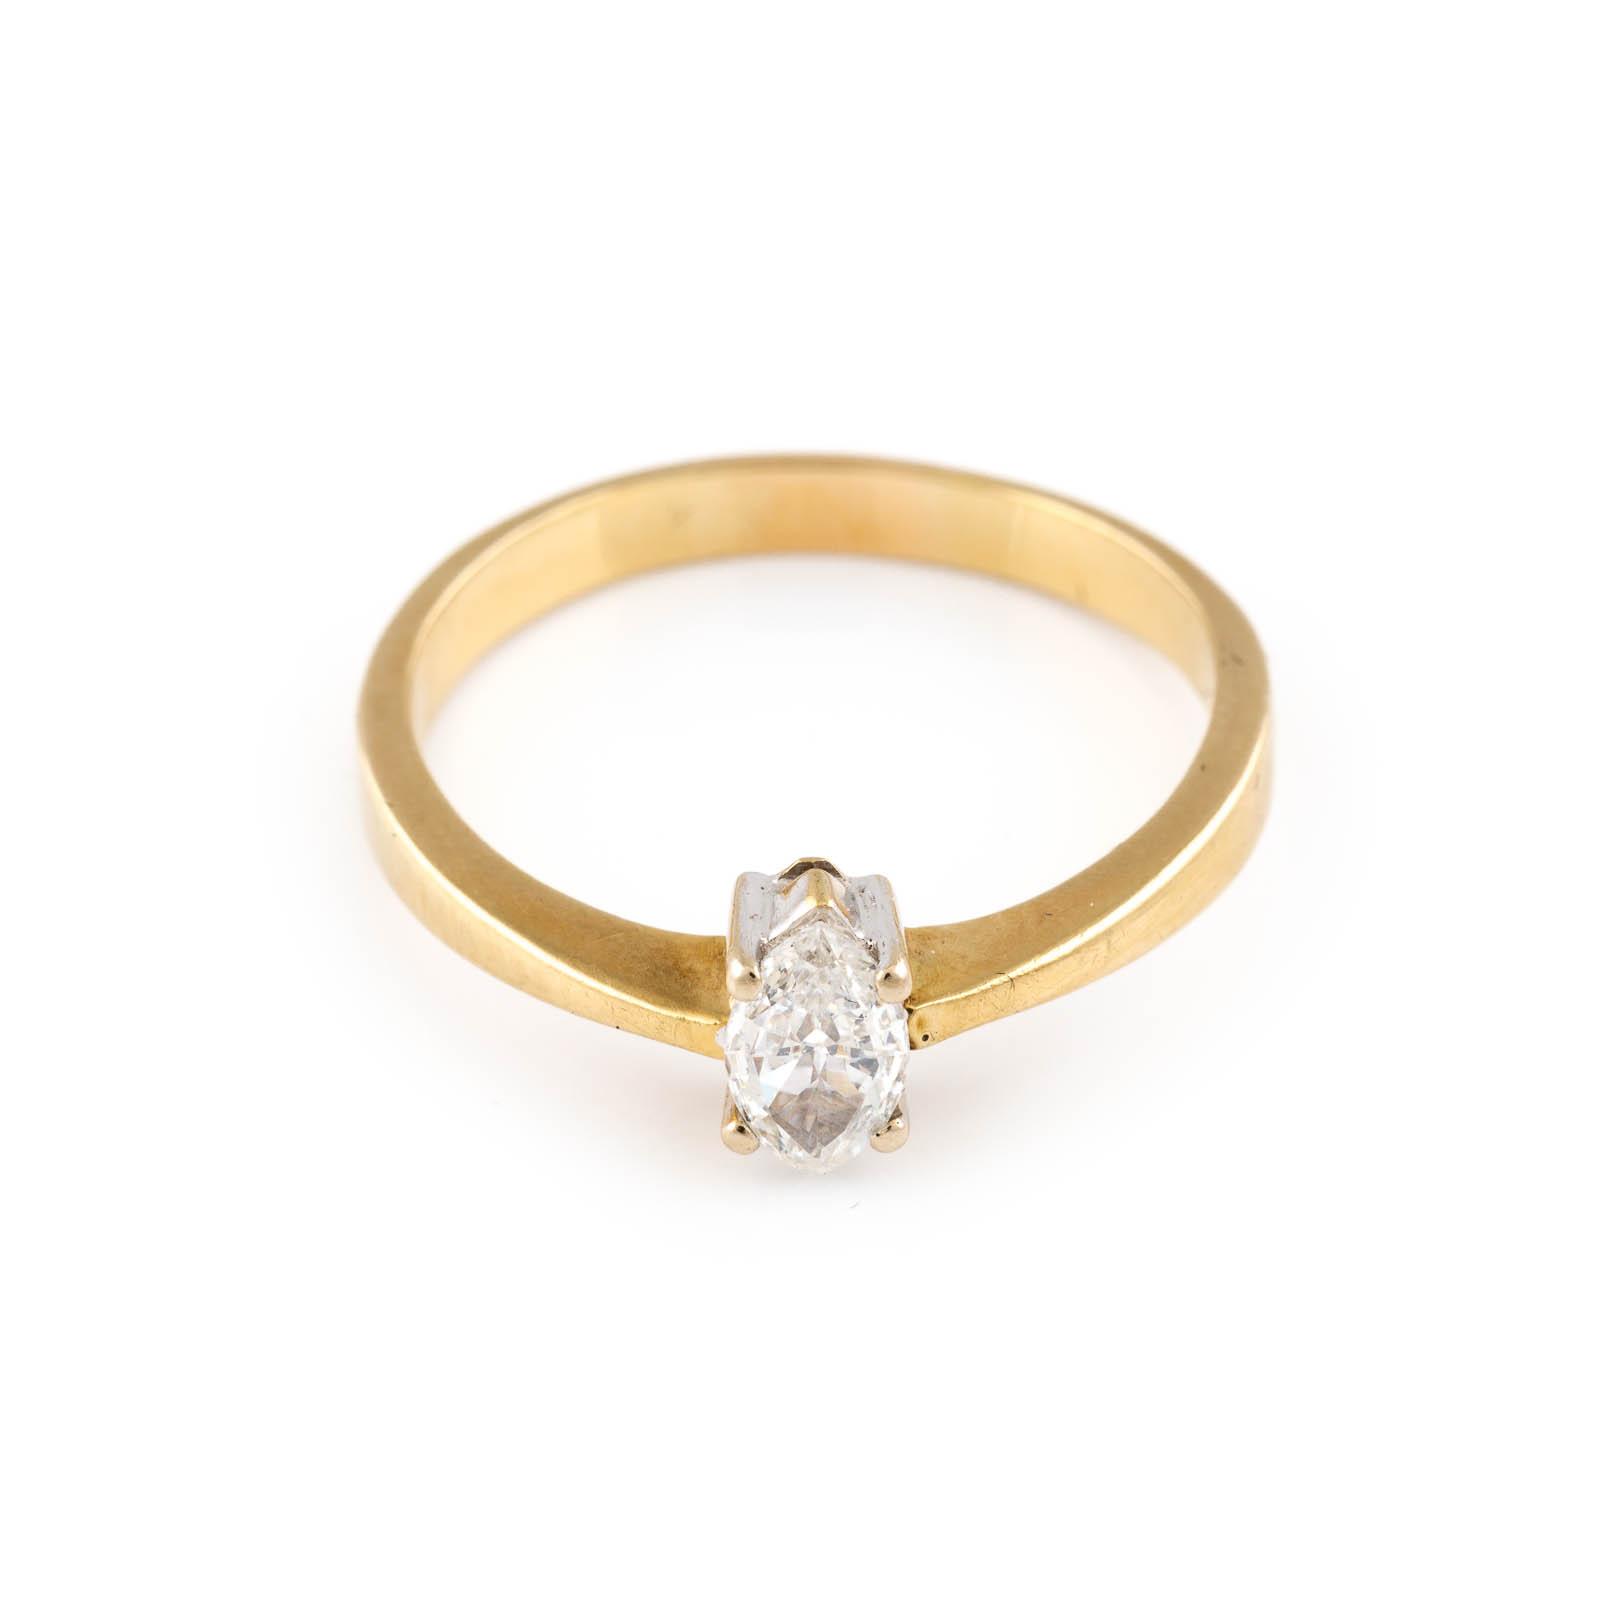 Lot 15 - DIAMANT-RING Gelbgold. Ringmaß ca. 61,5 cm, Ges.-Gew. ca. 3,8 g. Gest. 750. Ein Diamant-Navette, ca.